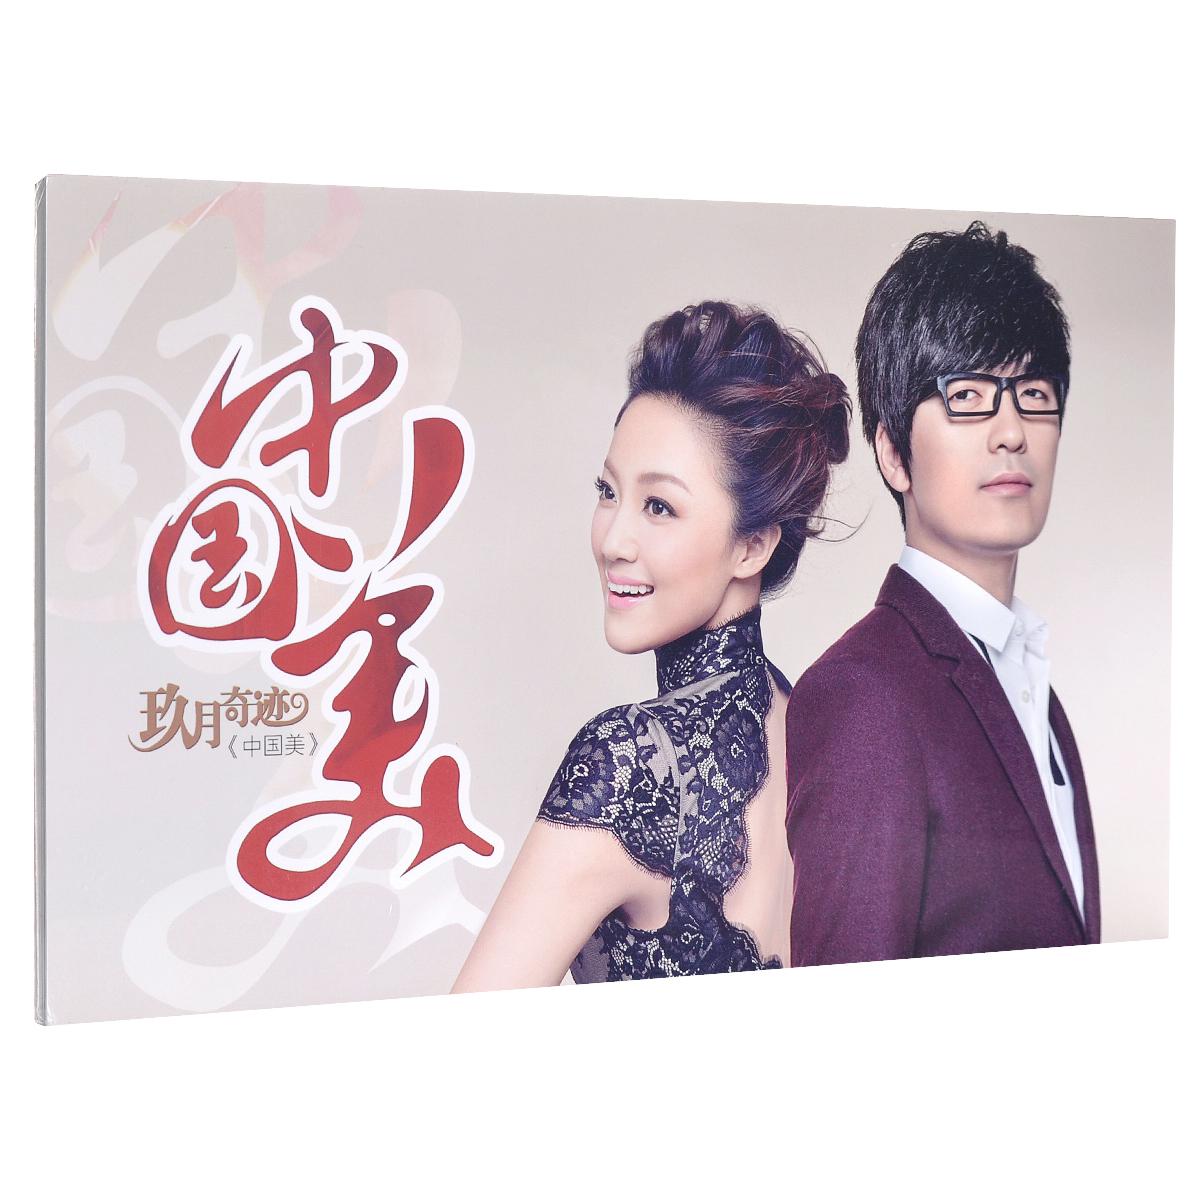 玖月奇�E 中��美 CD 2013全新�]� 水墨� 九月奇�E